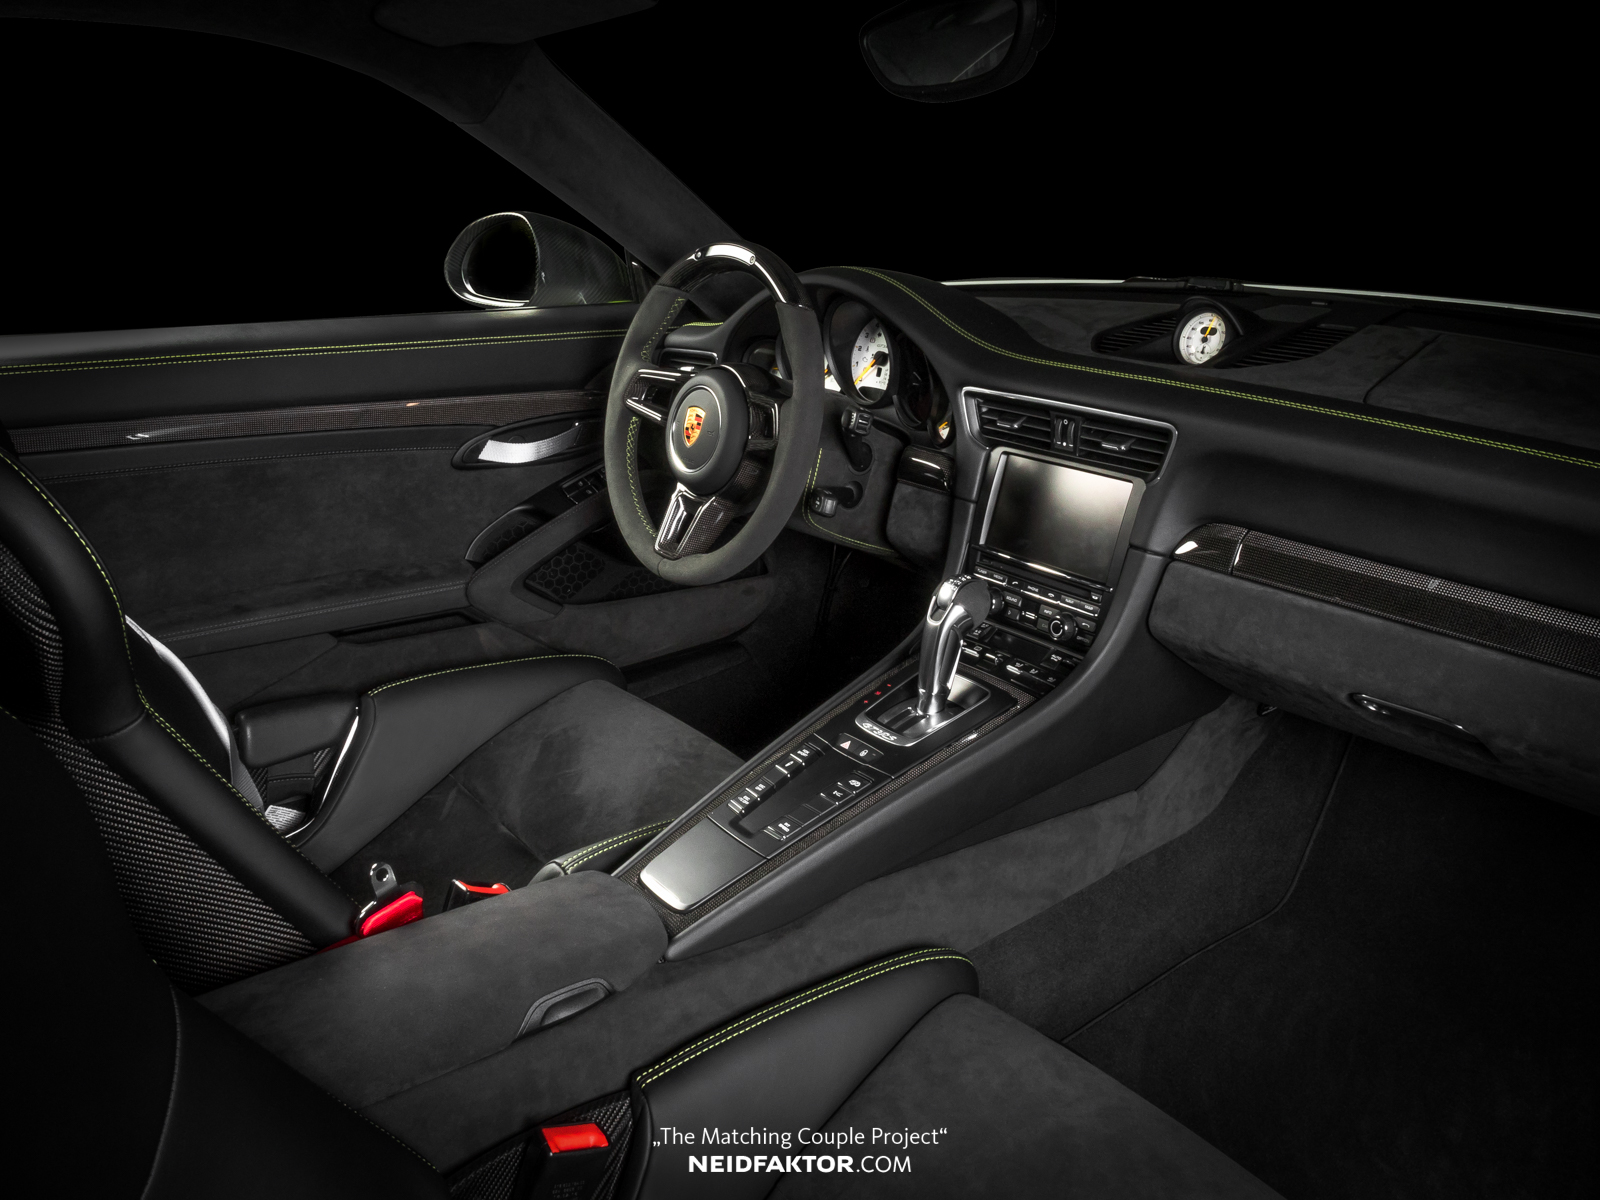 Porsche 911 Gt3 Rs Alcantara Interior Is The Most